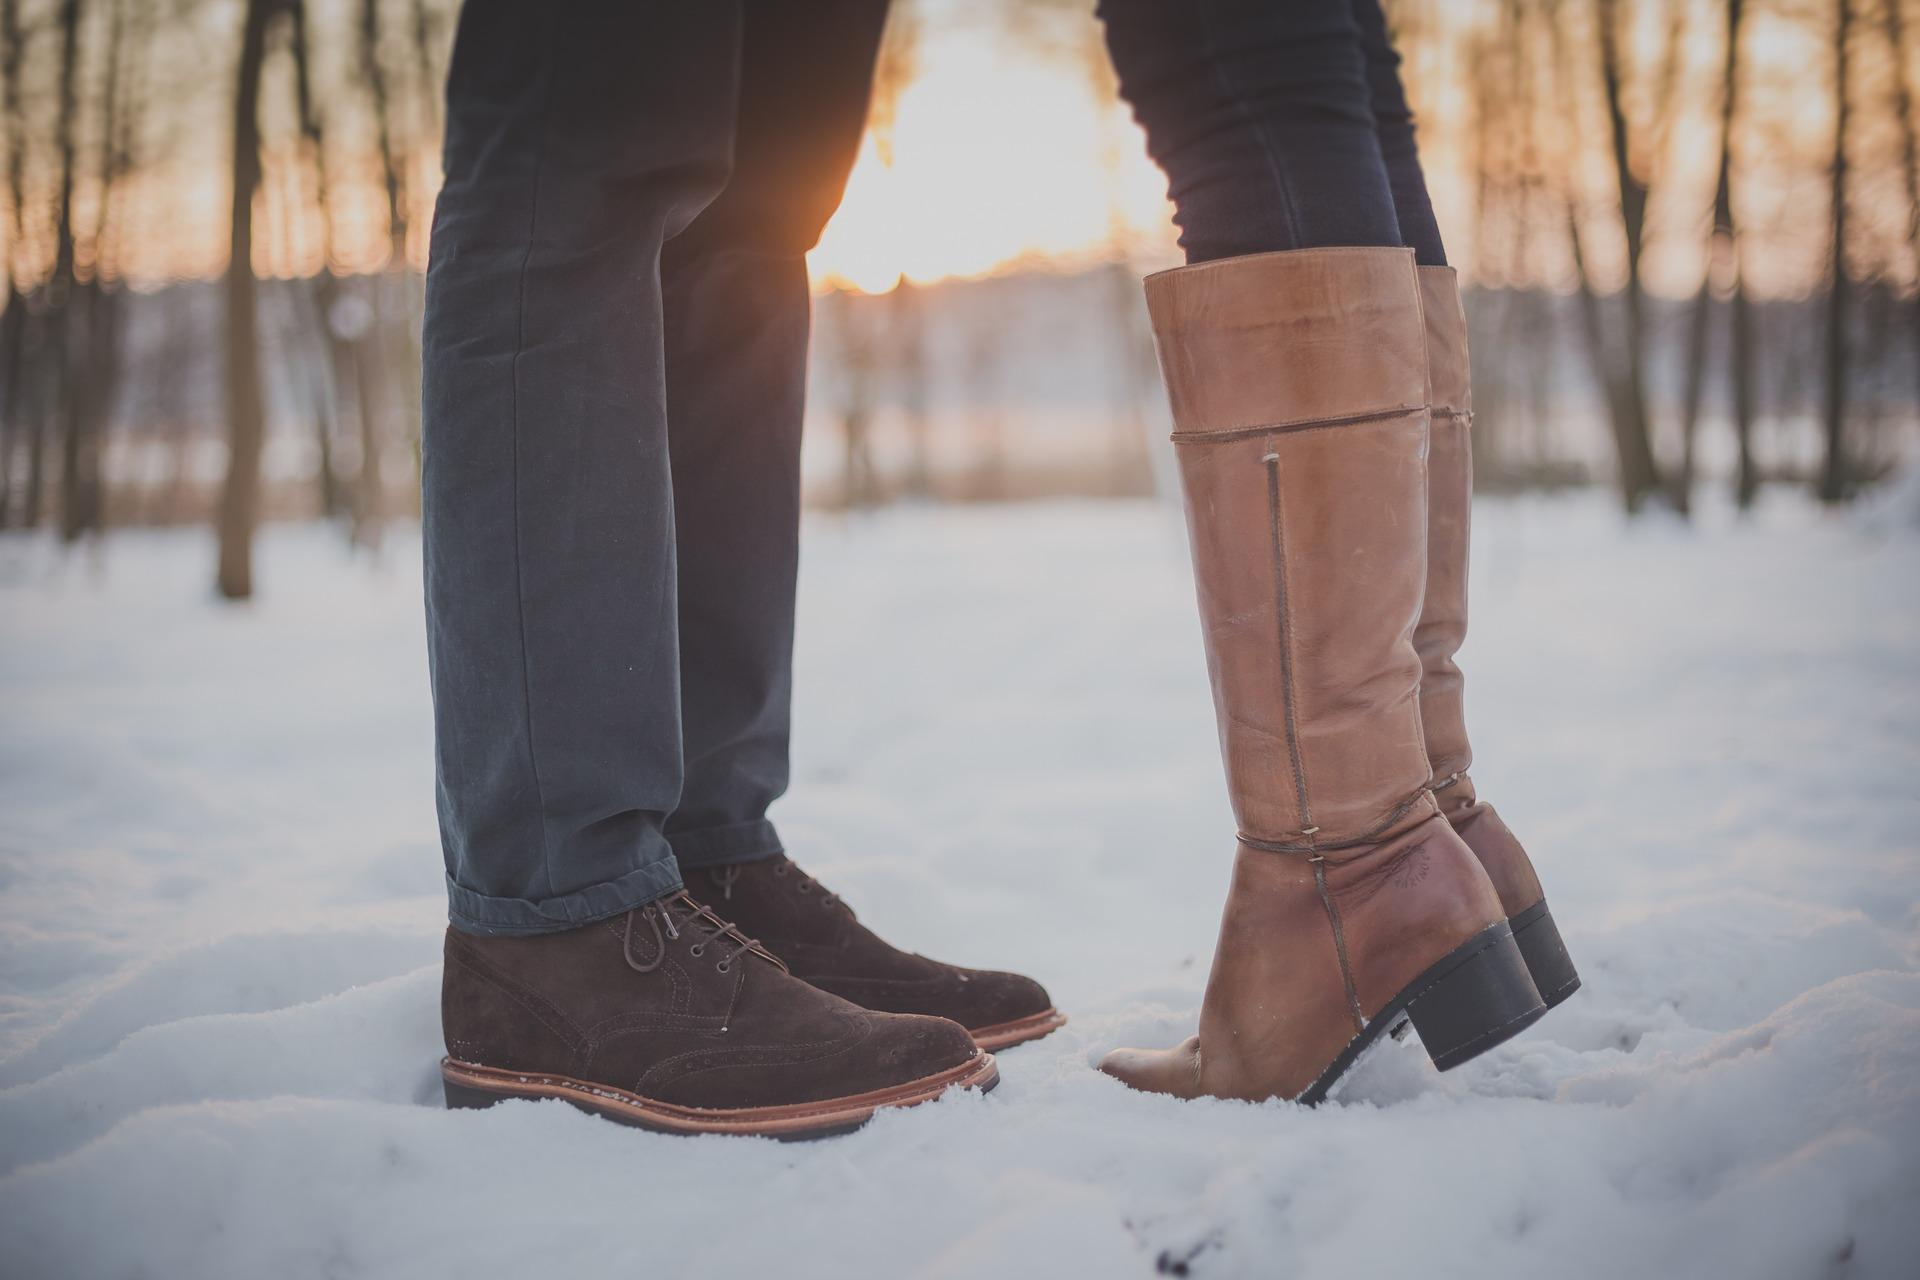 Botas para el frío- Trocadero Shoes